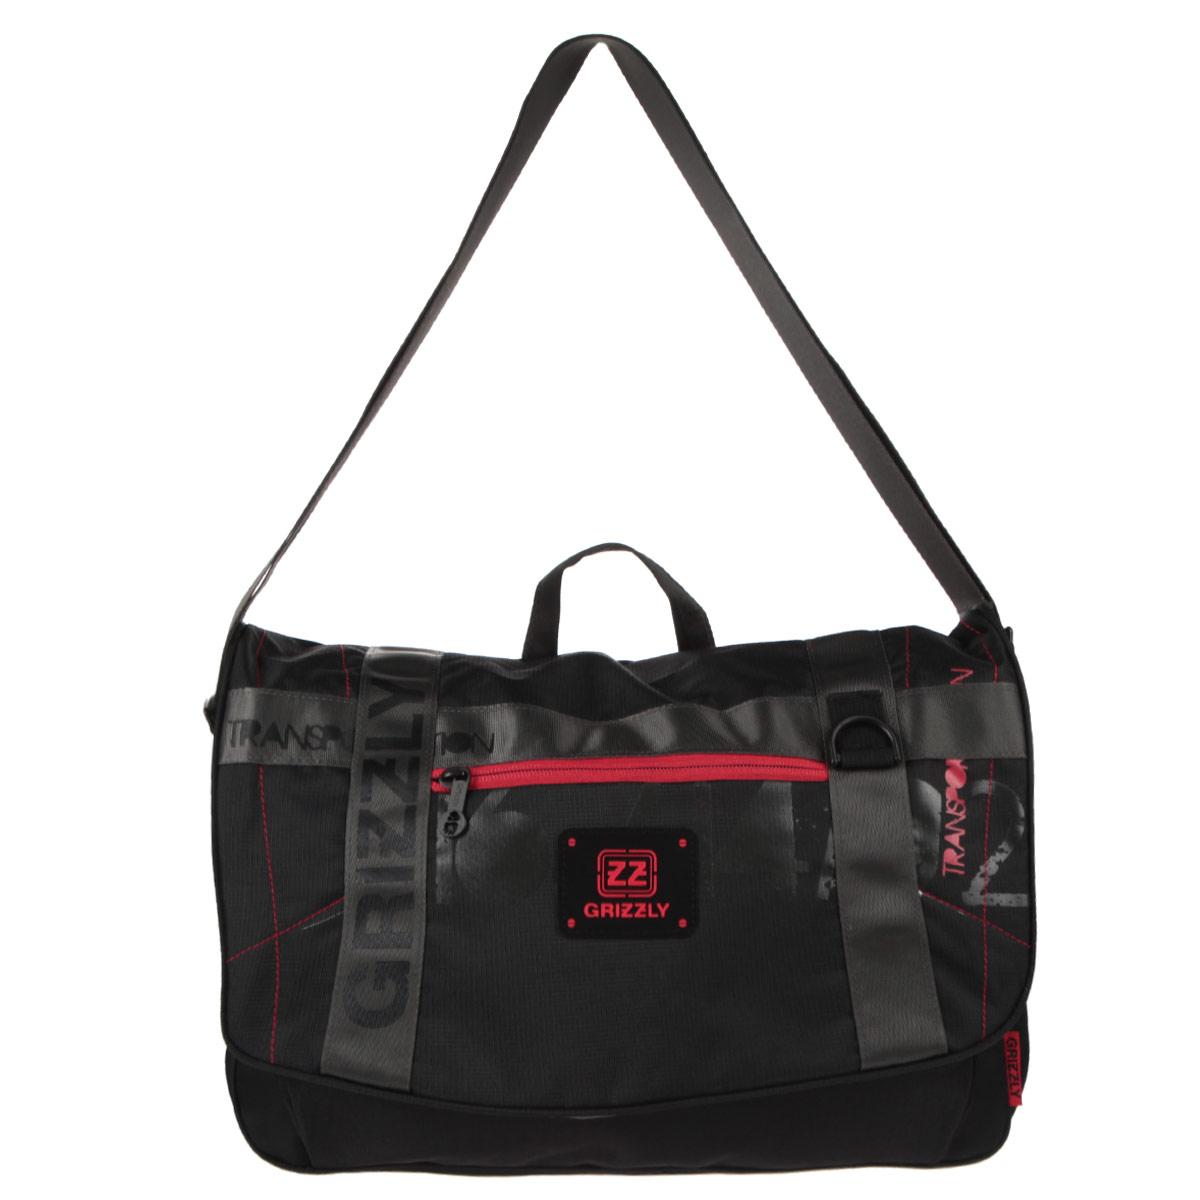 Grizzly Сумка школьная цвет черный красныйММ-504-2/3Сумка молодежная наплечная с одним отделением, передними, боковыми, задним и внутренними карманами, ручкой для переноски и регулируемым плечевым ремнем